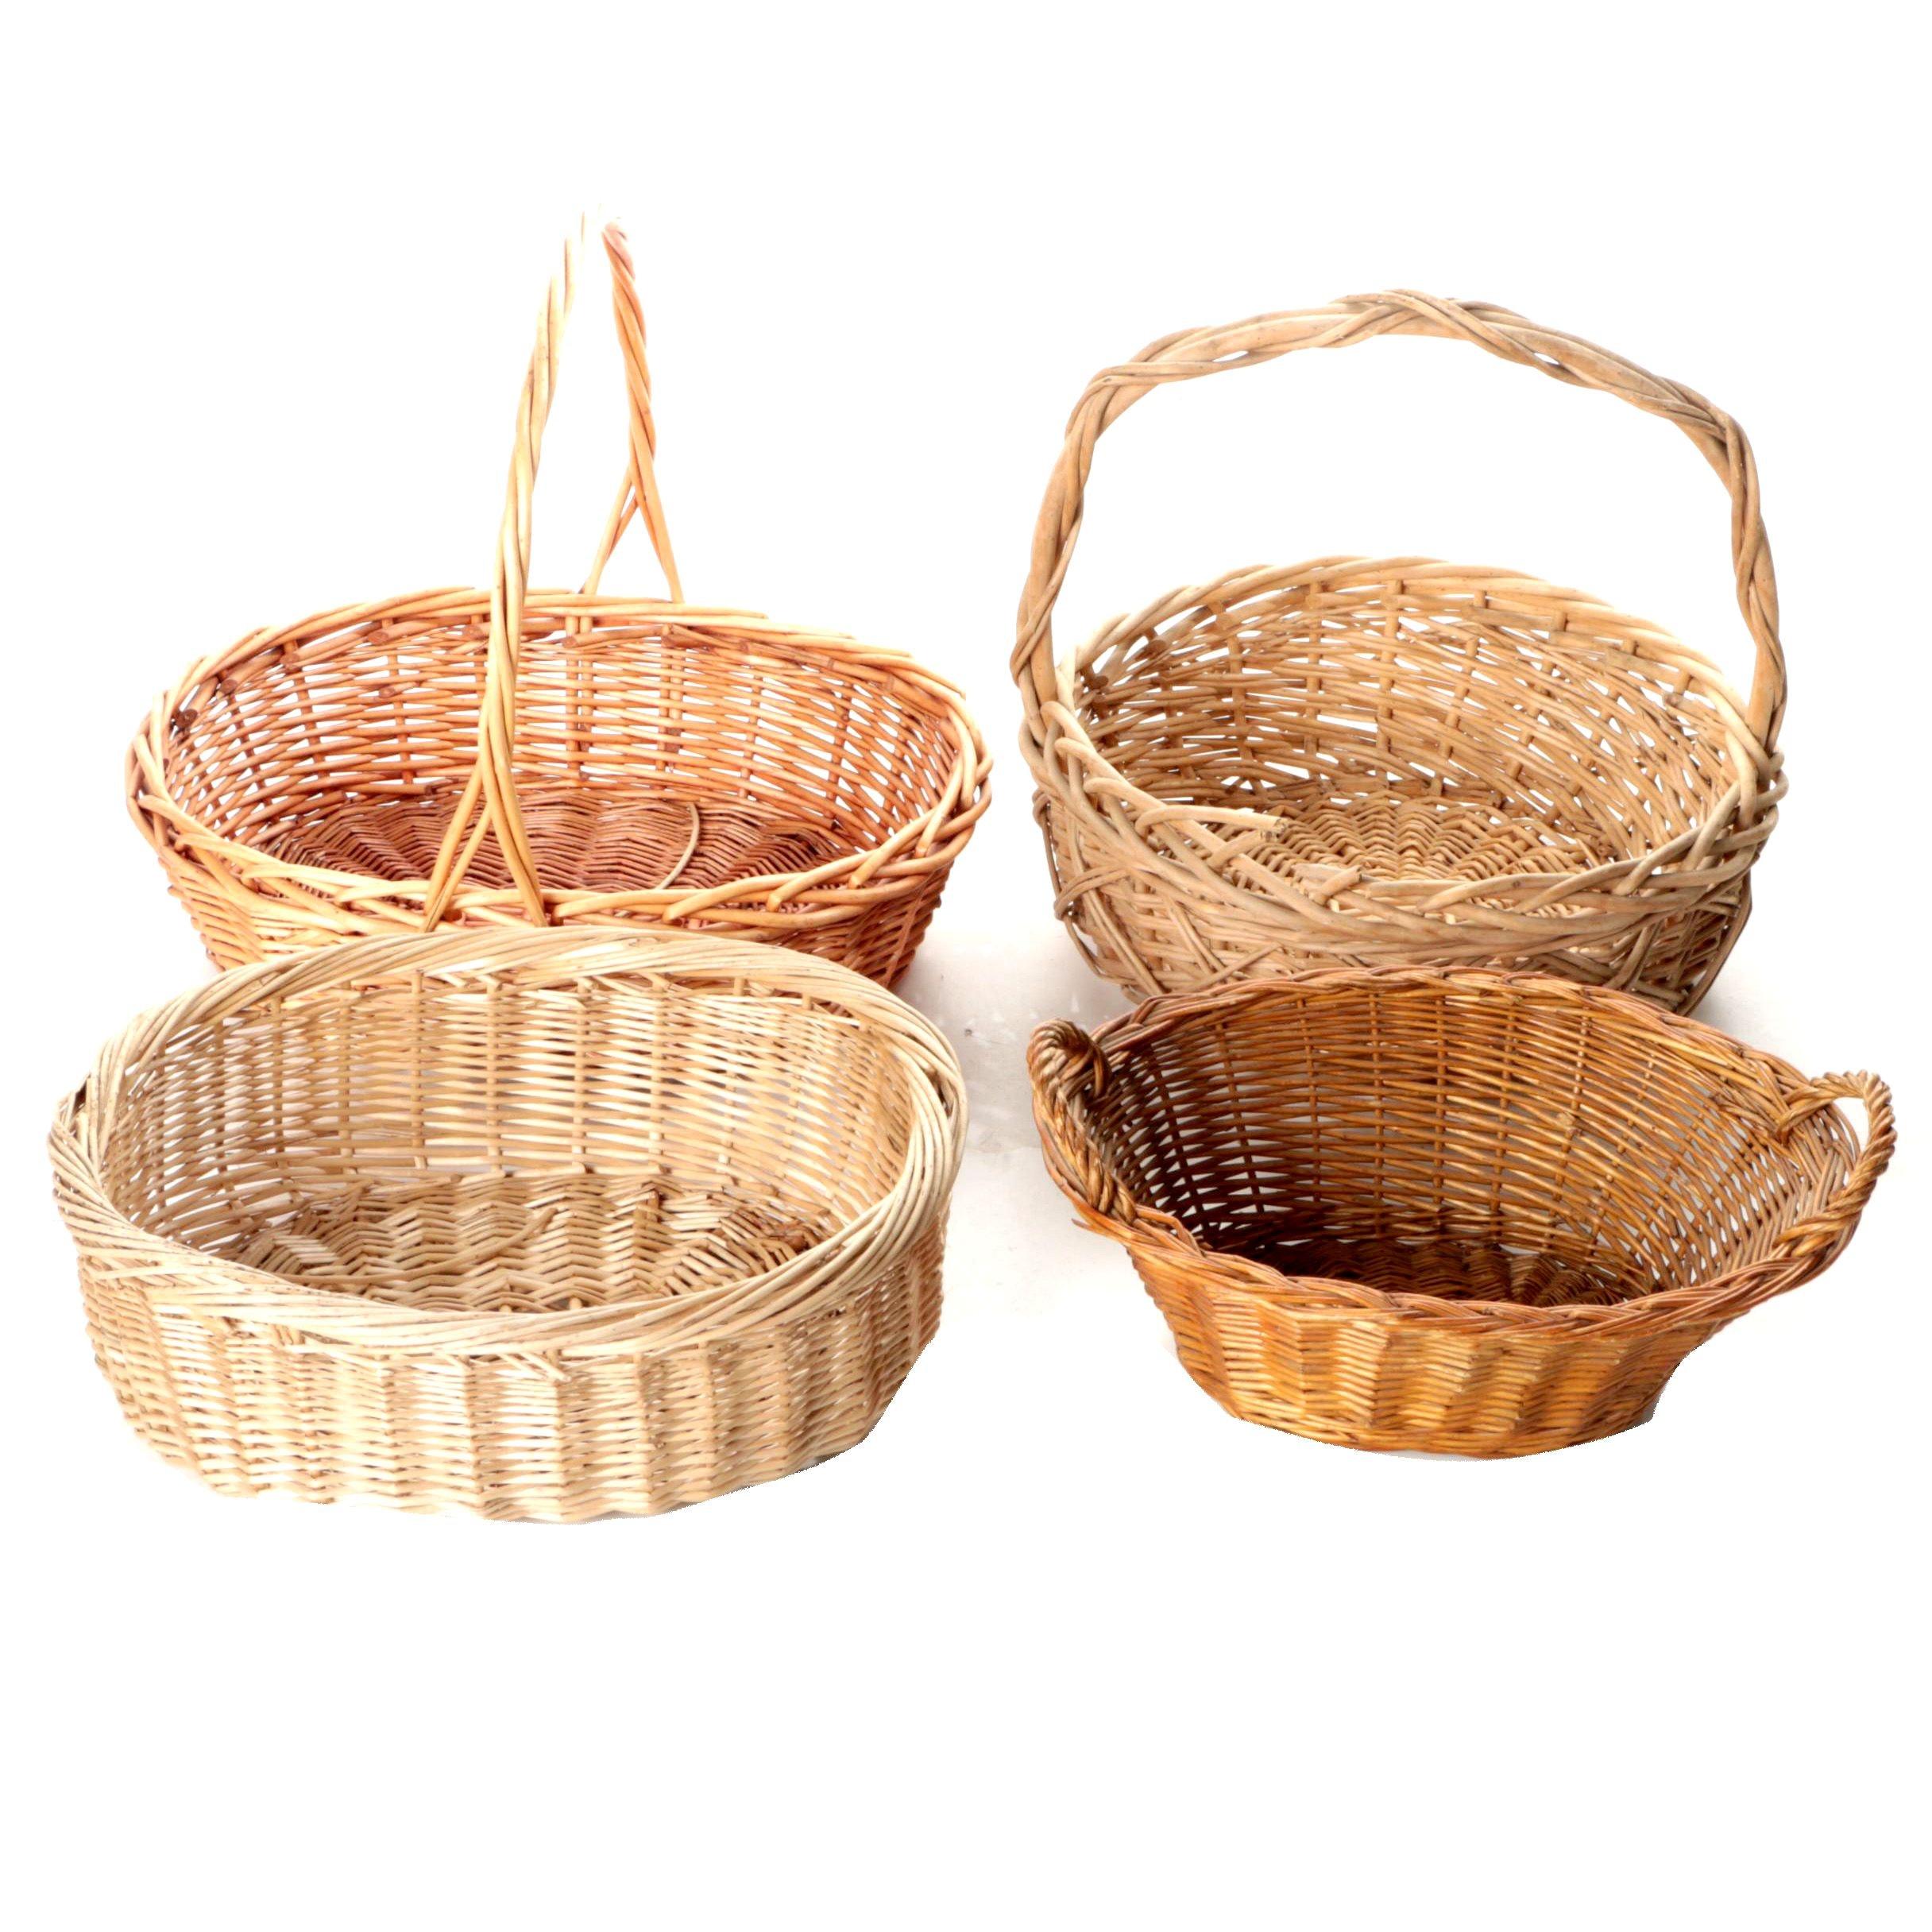 Wicker Gathering Baskets